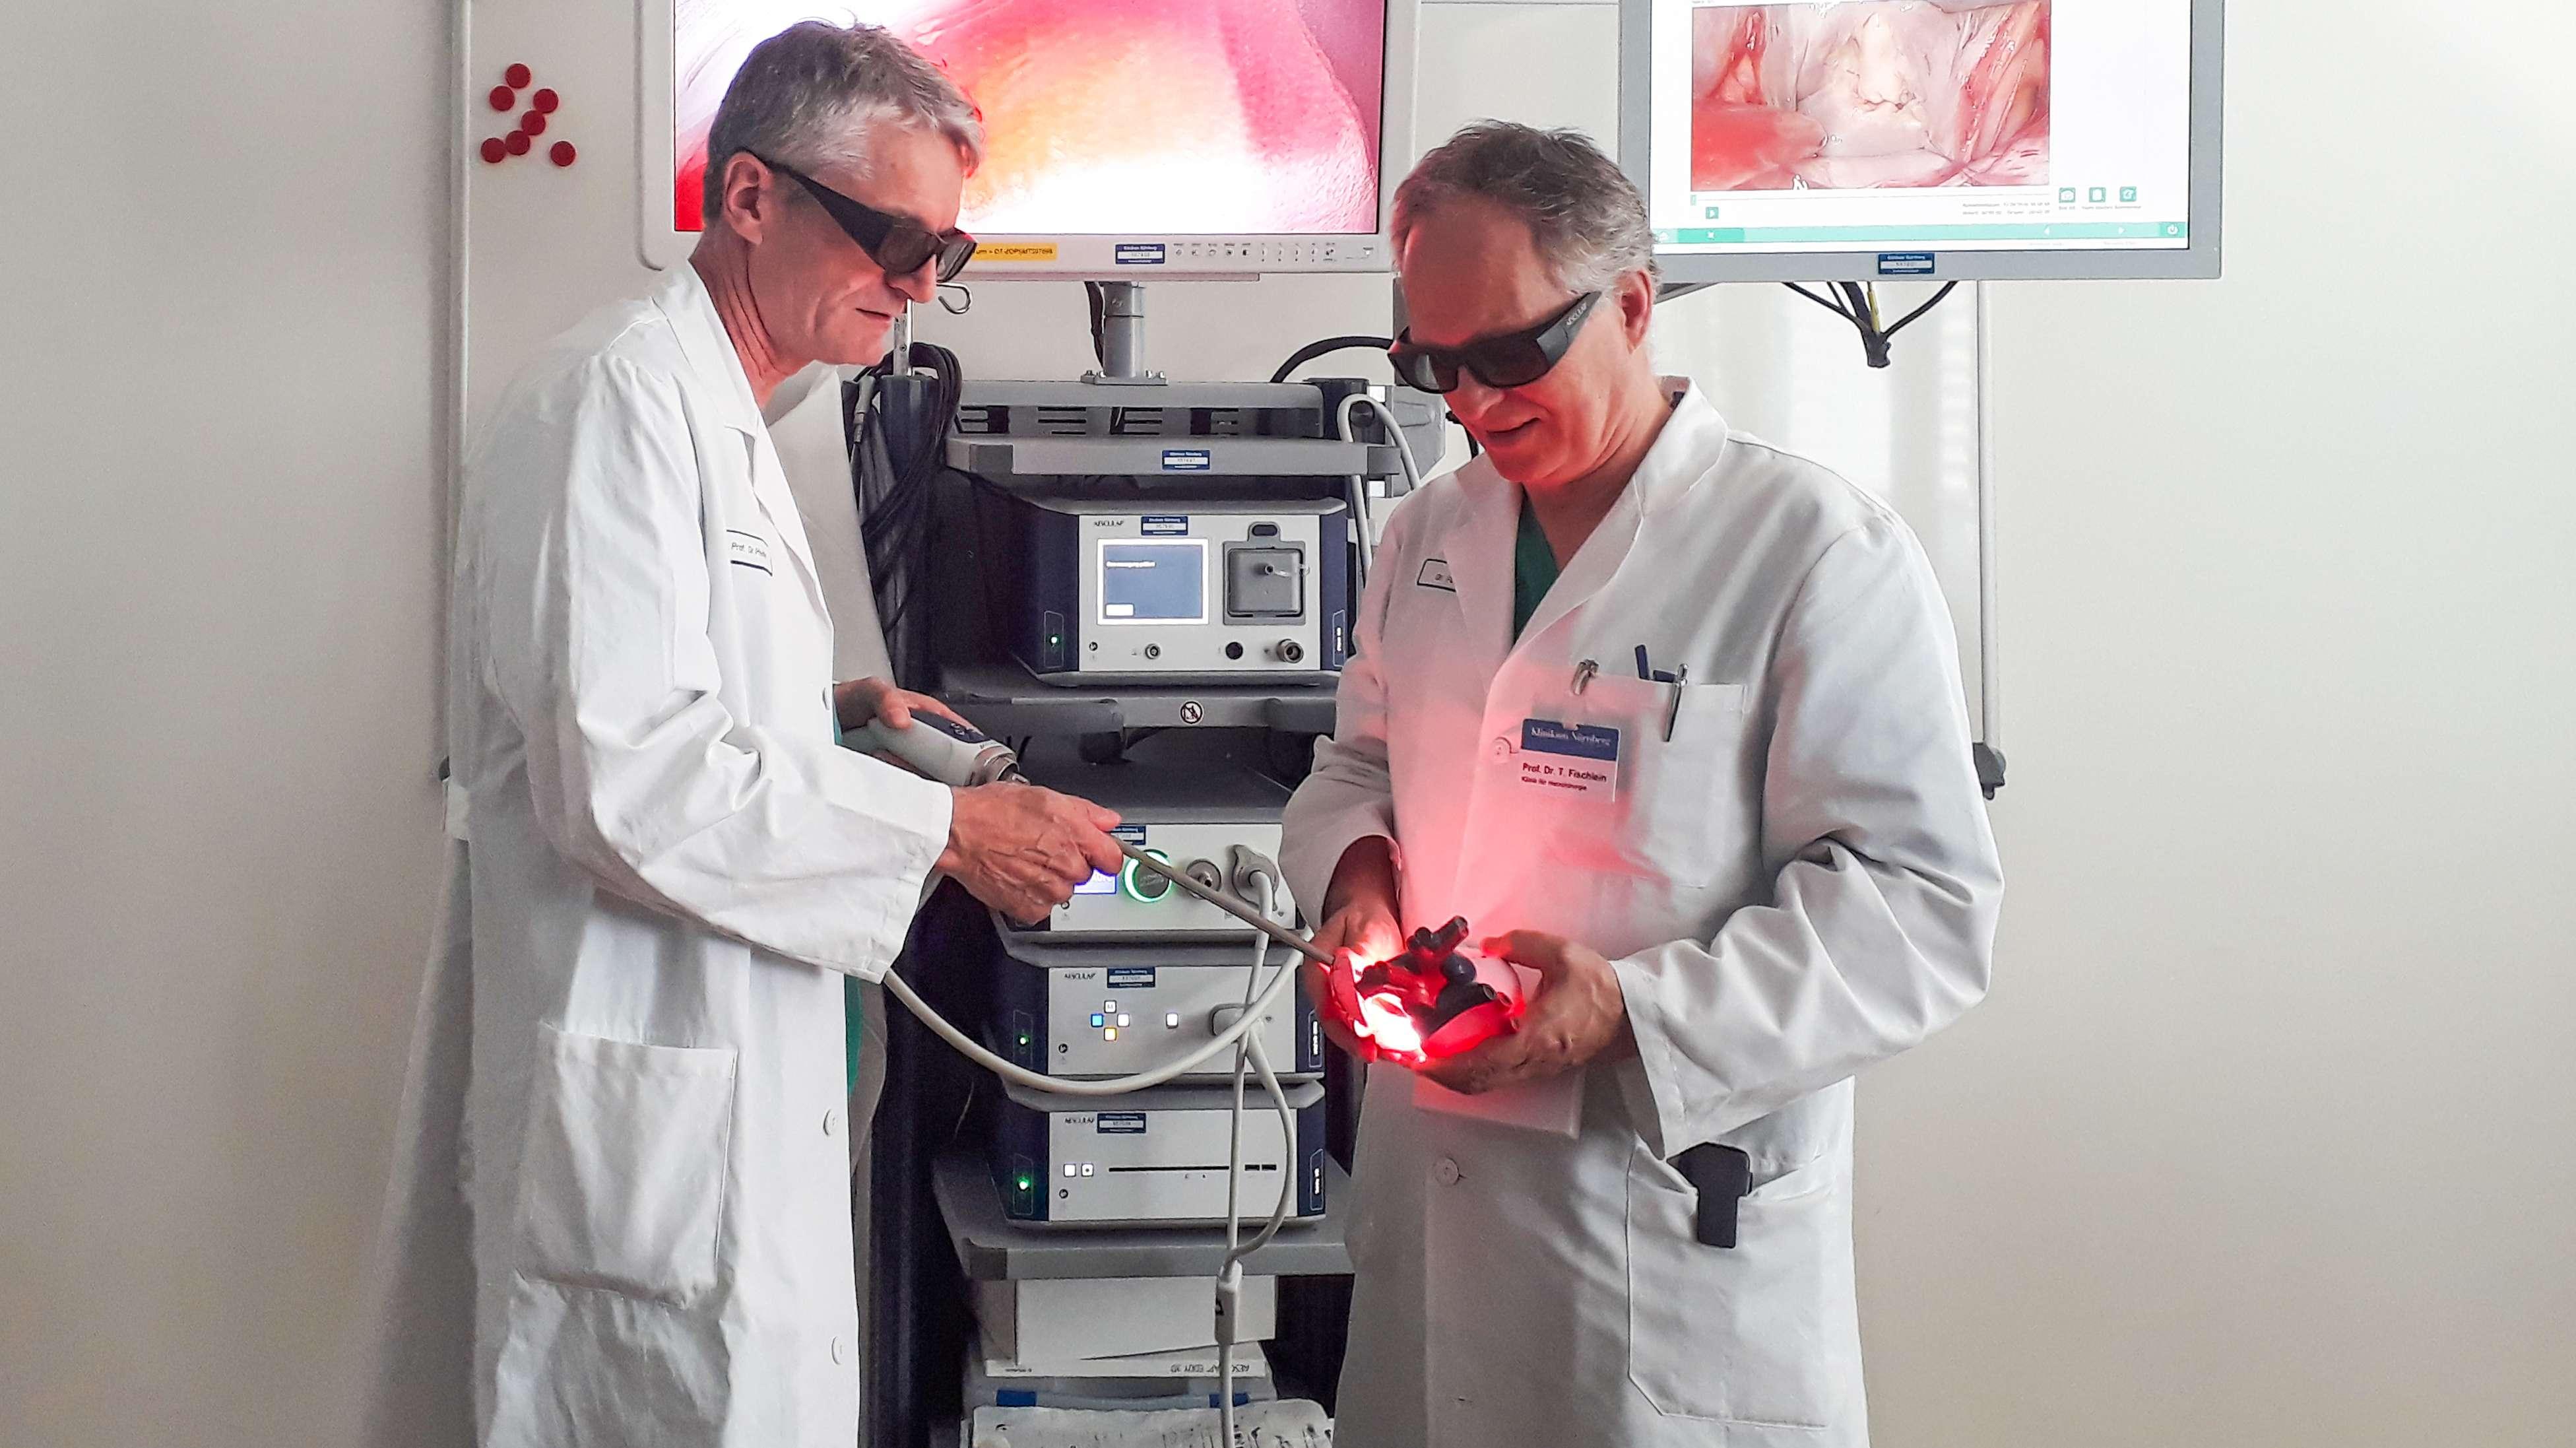 Ärzte demonstrieren den 3D-Videoturm